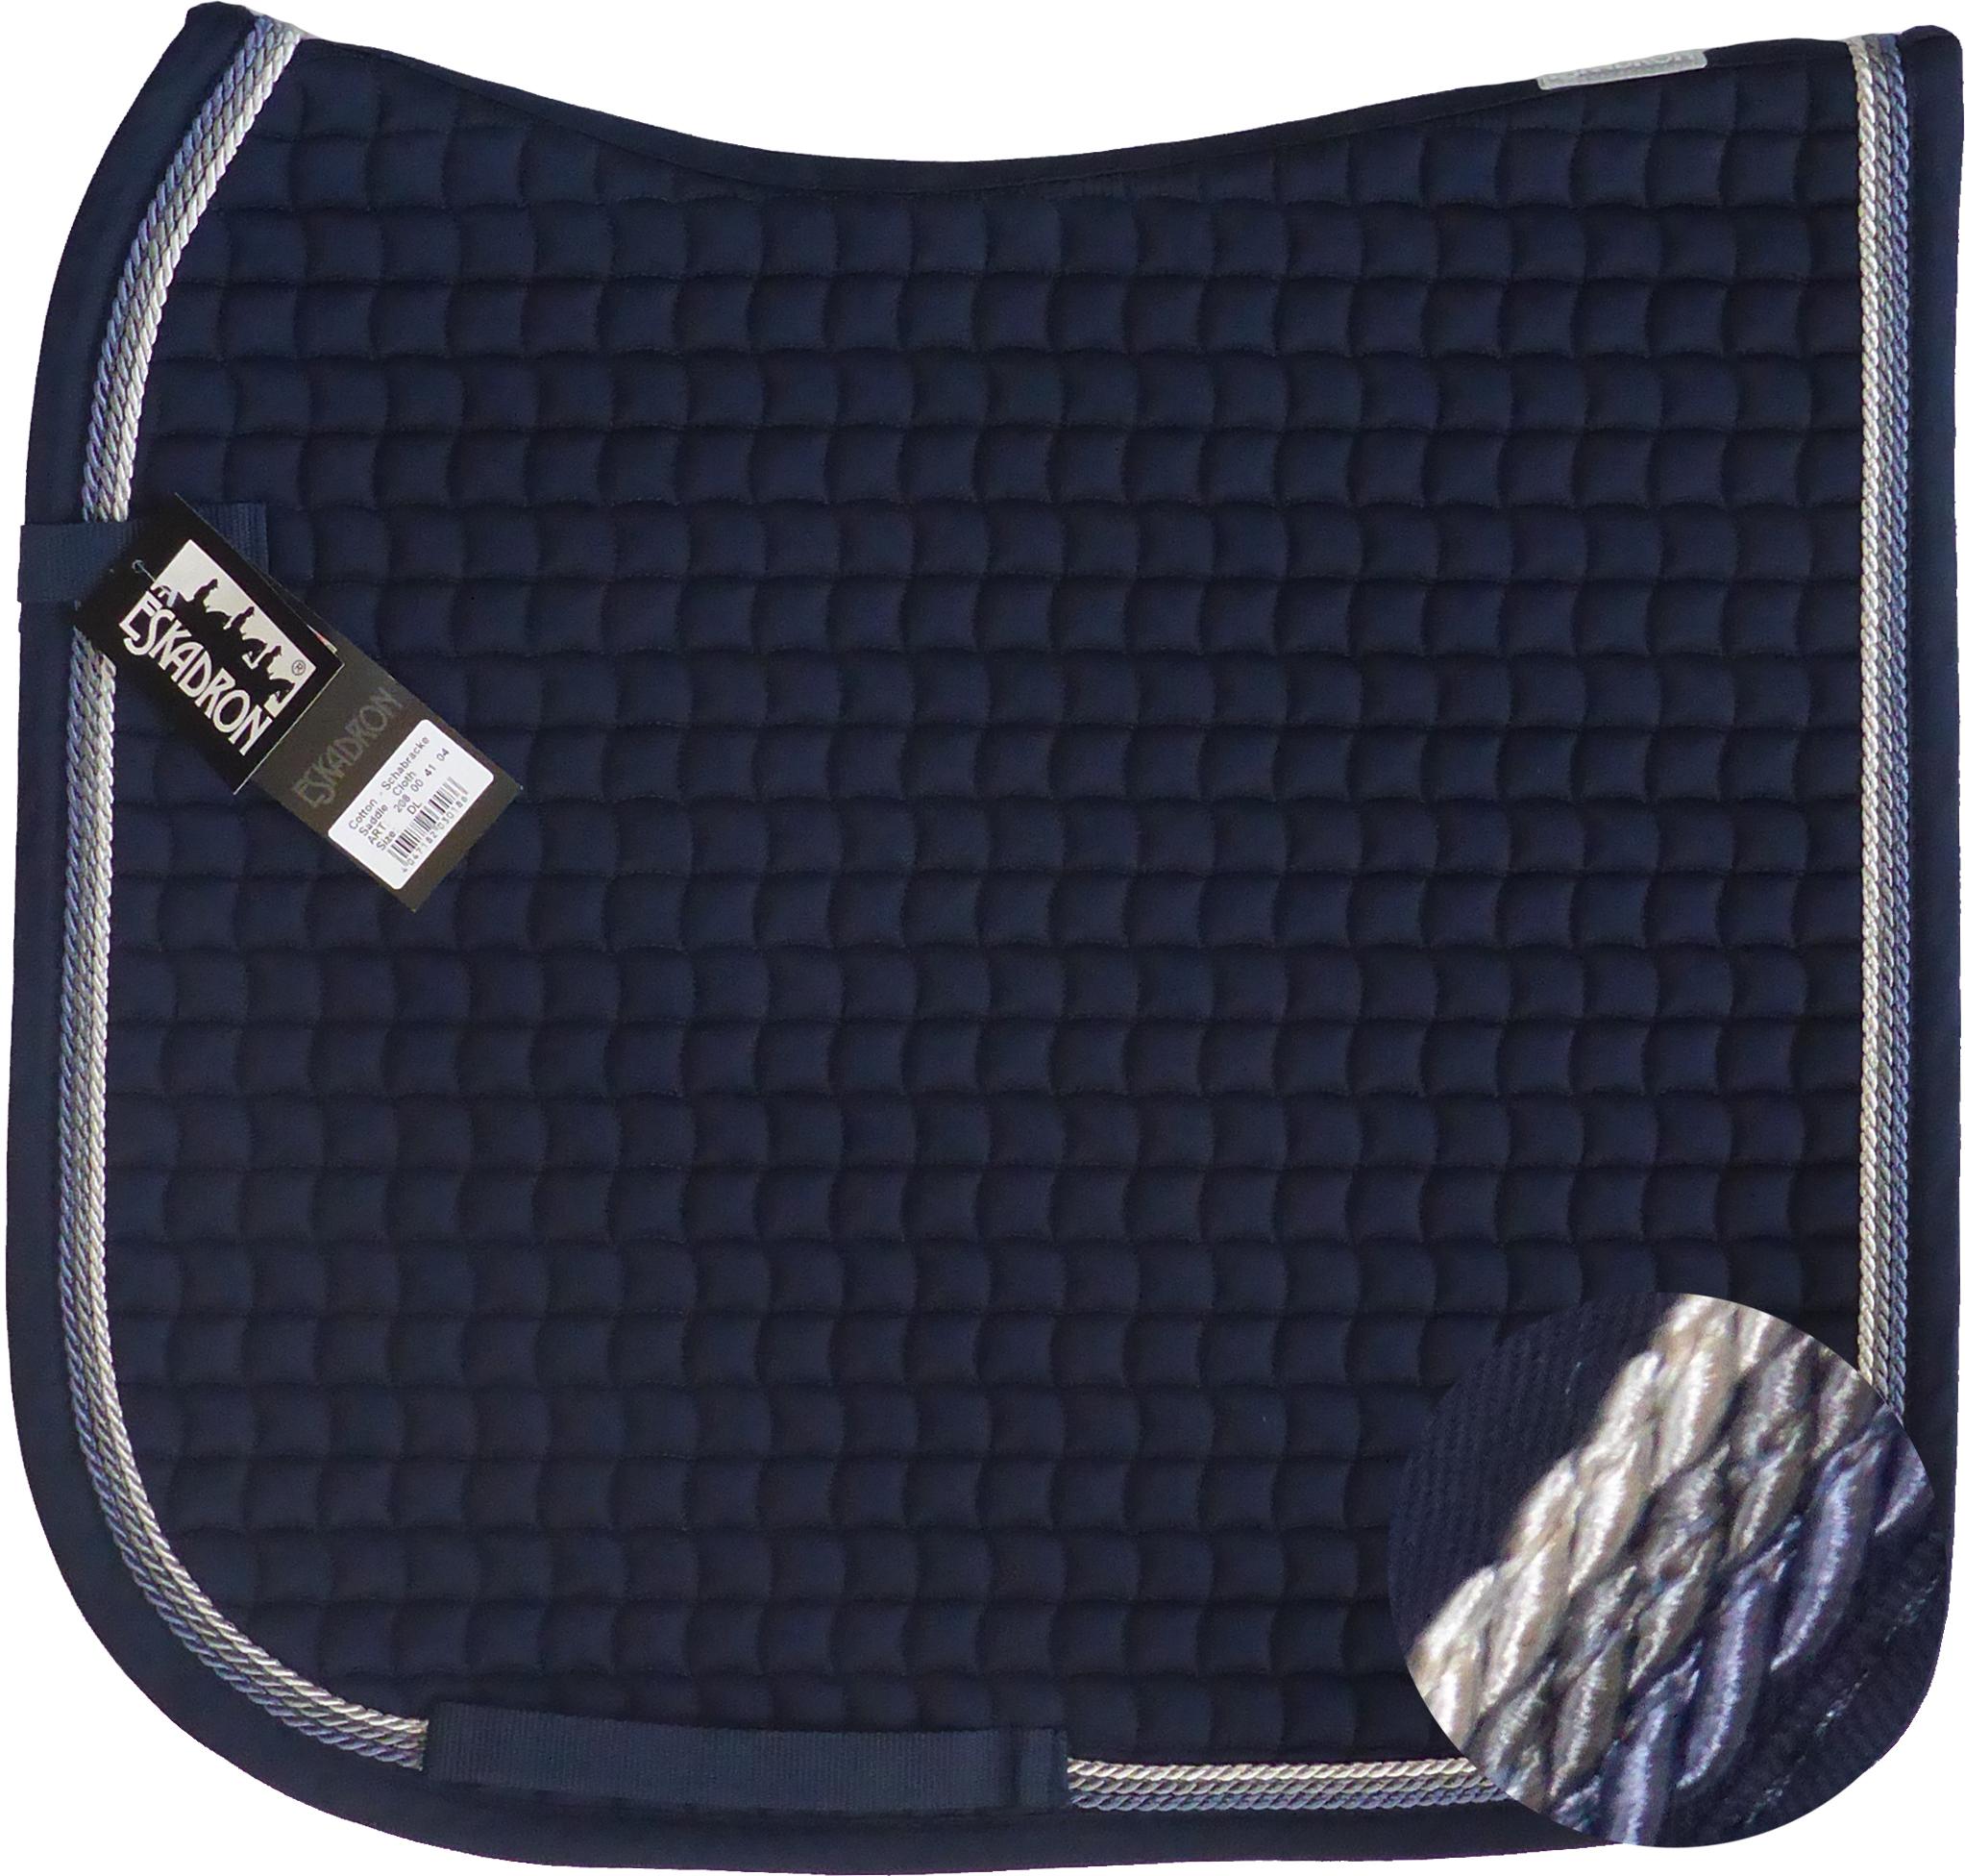 ESKADRON Cotton Schabracke navy, 3fach Kordel blue,anthrazit,silberfarben